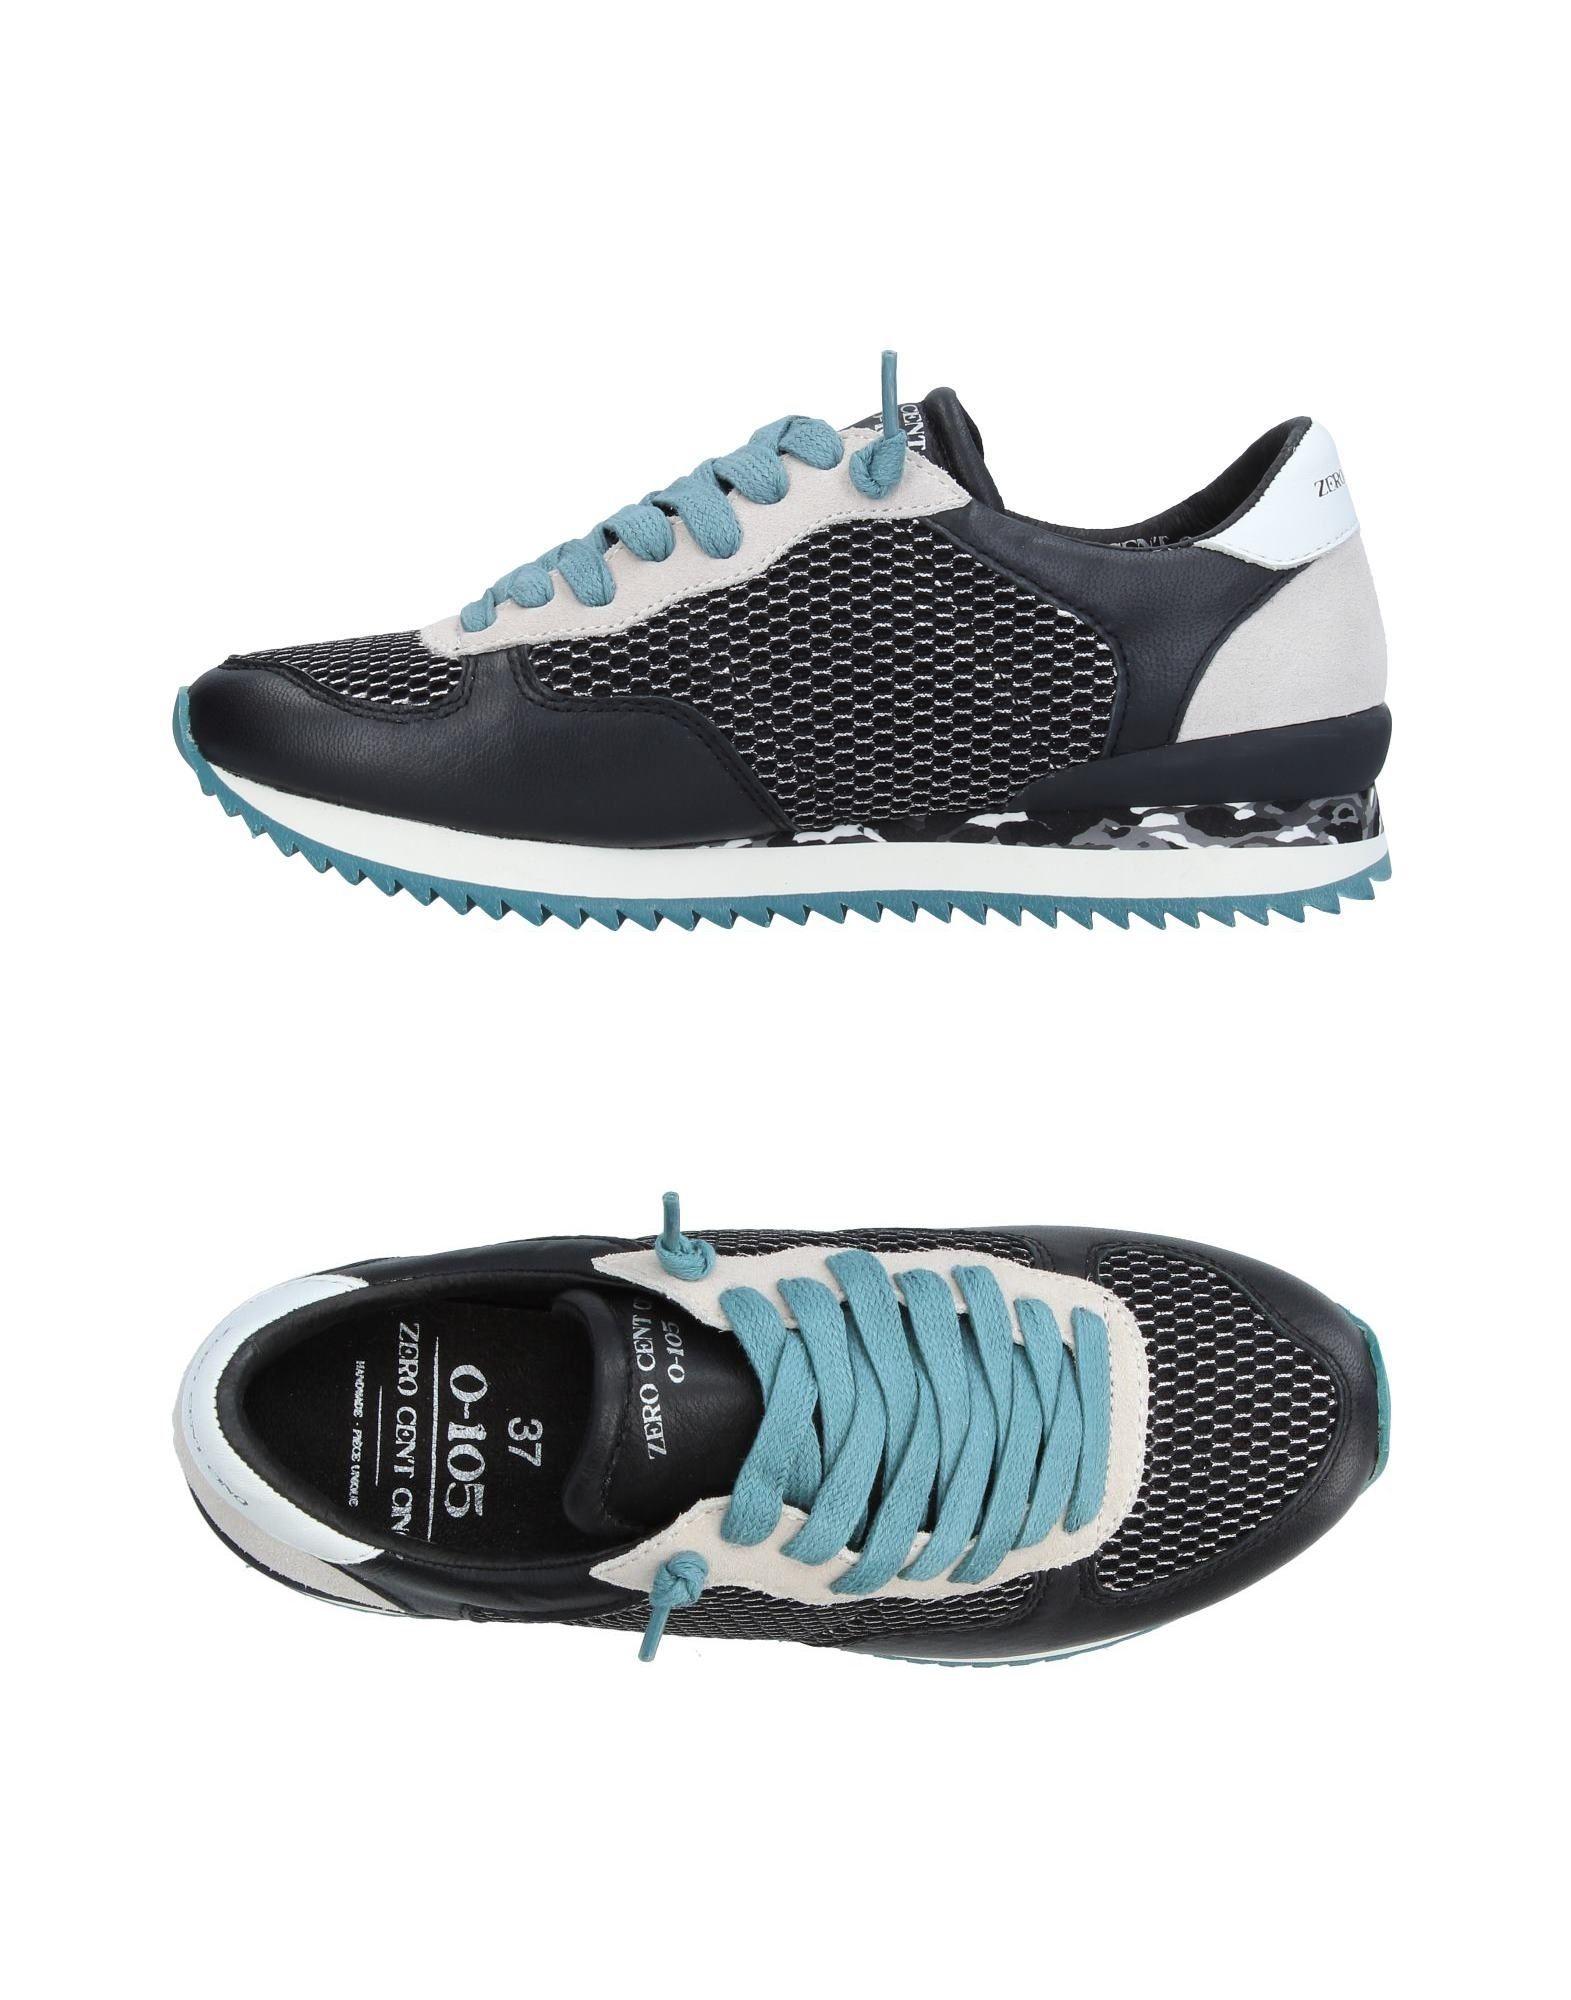 Zapatos casuales salvajes Zapatillas 0-105 Cinq Zero Ct Cinq 0-105 Mujer - Zapatillas 0-105 Zero Ct Cinq  Azul oscuro 87f97b